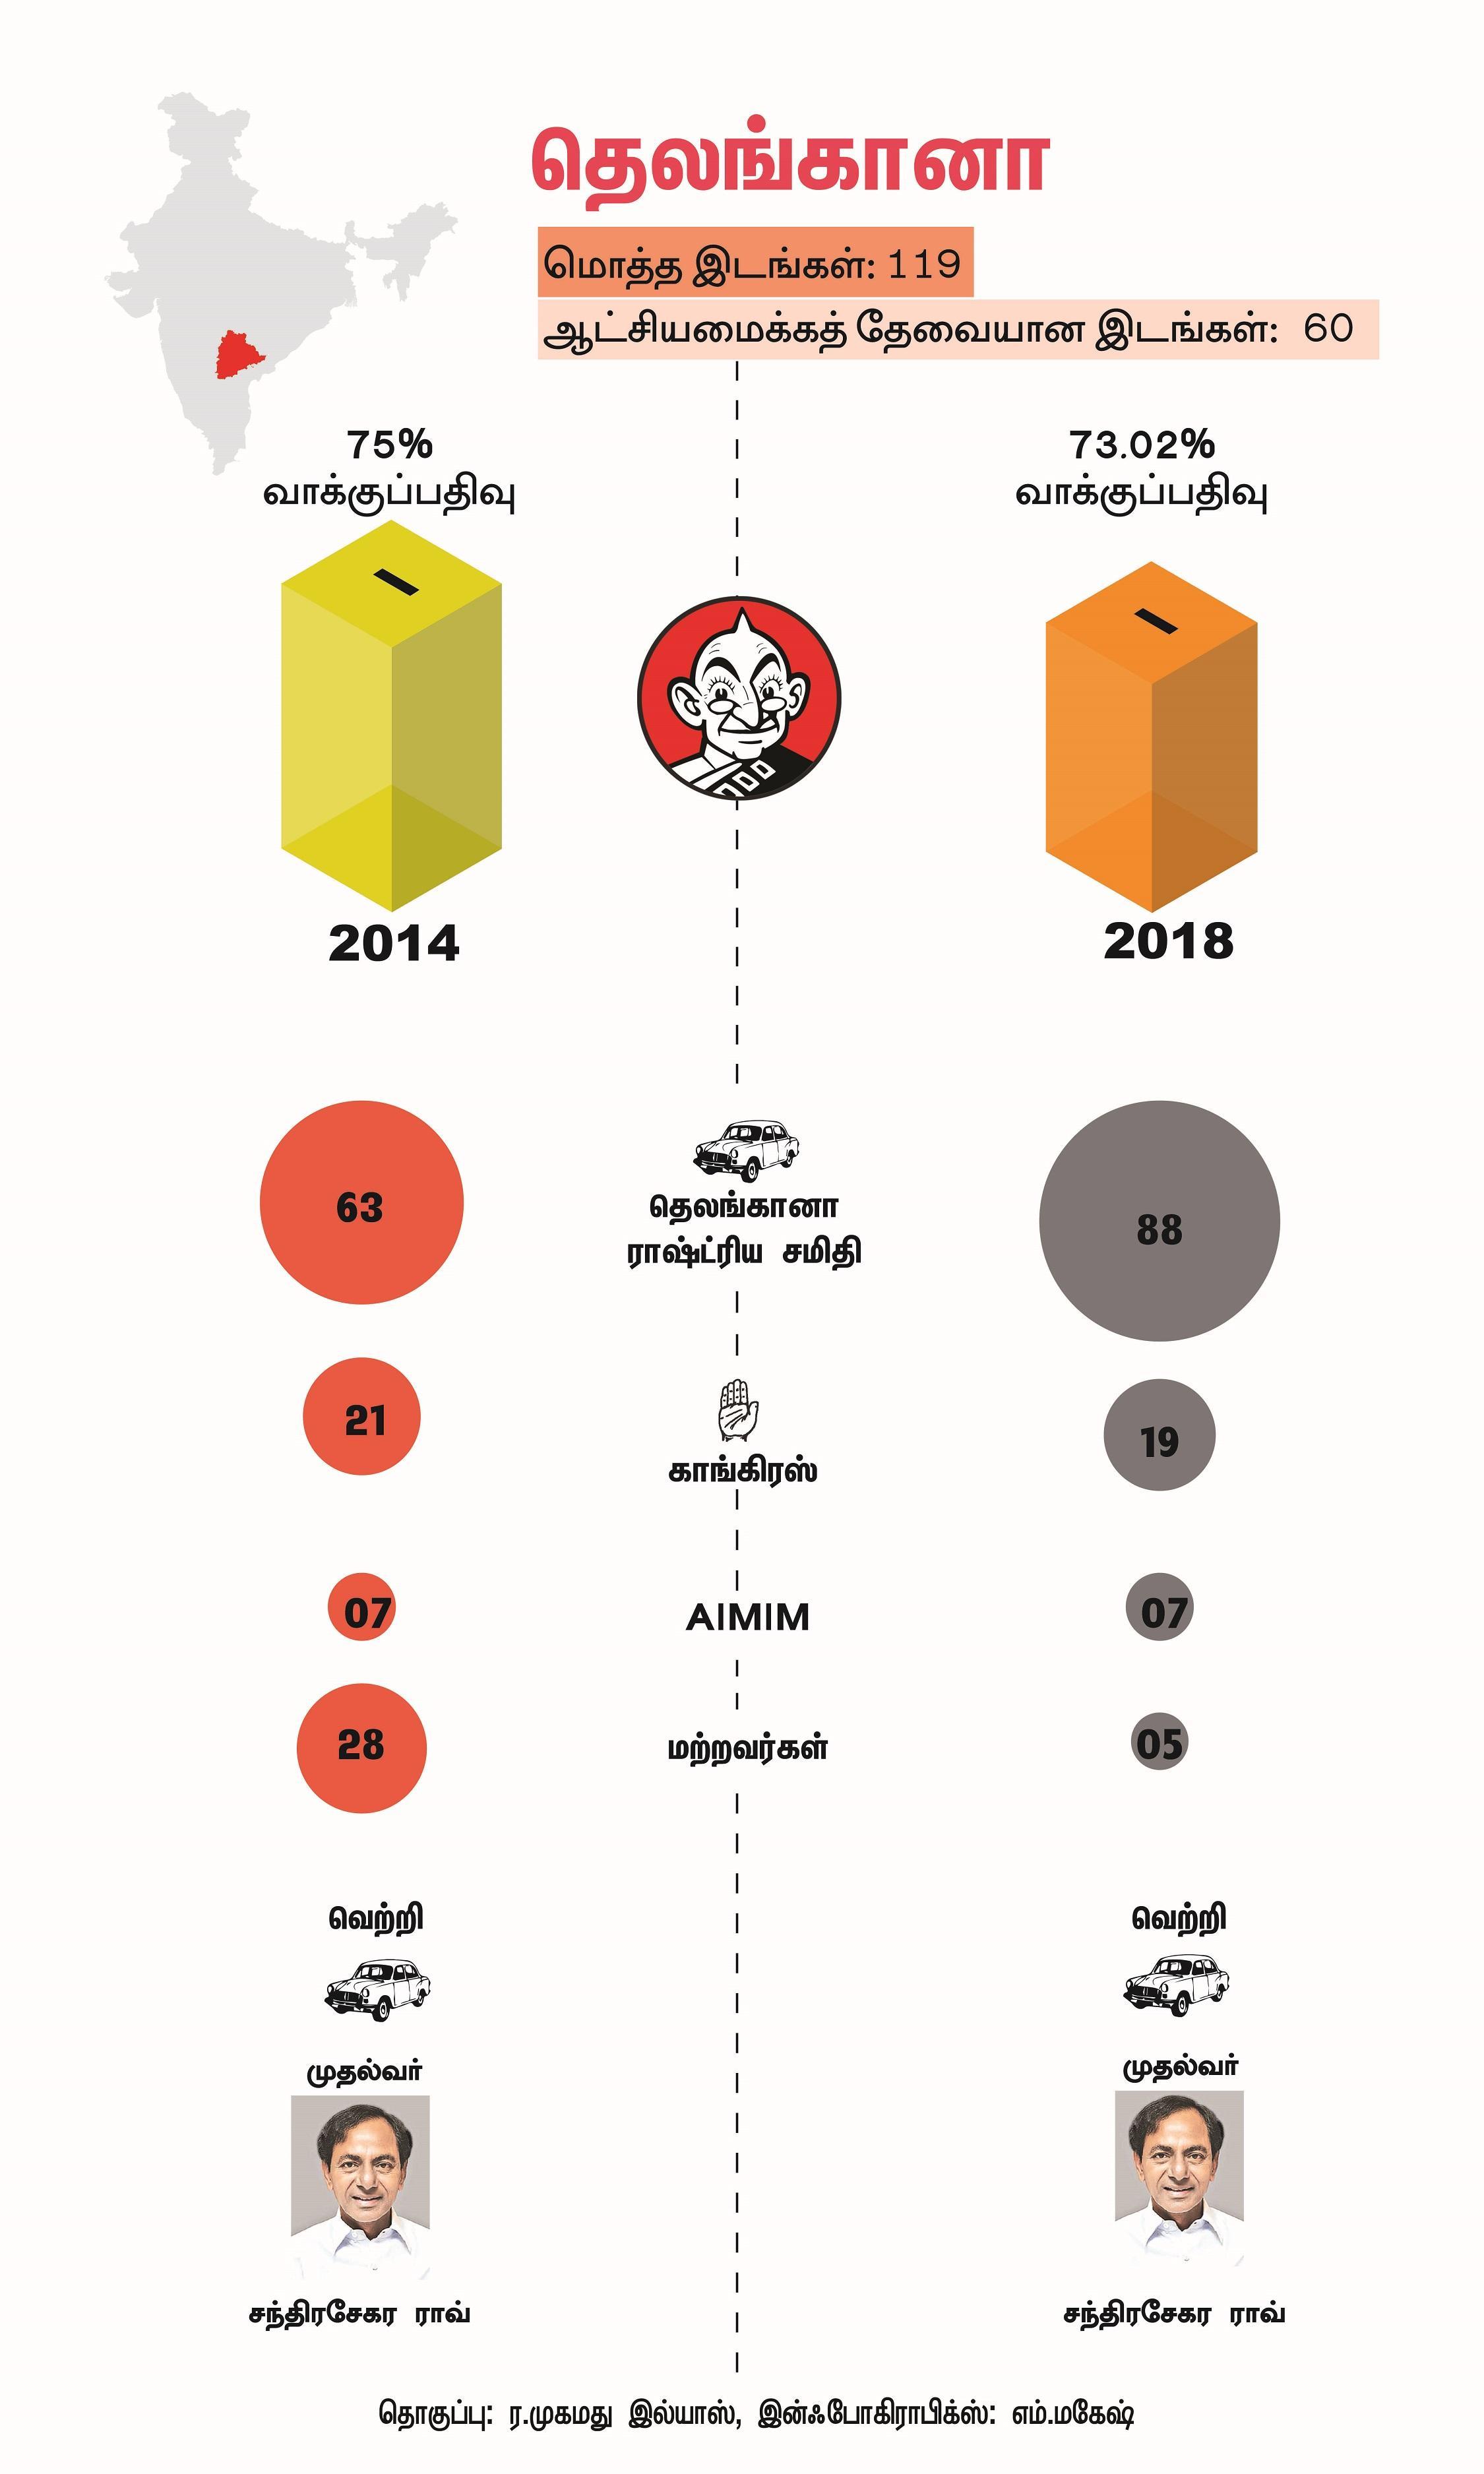 தெலங்கானா தேர்தல் முடிவுகள்